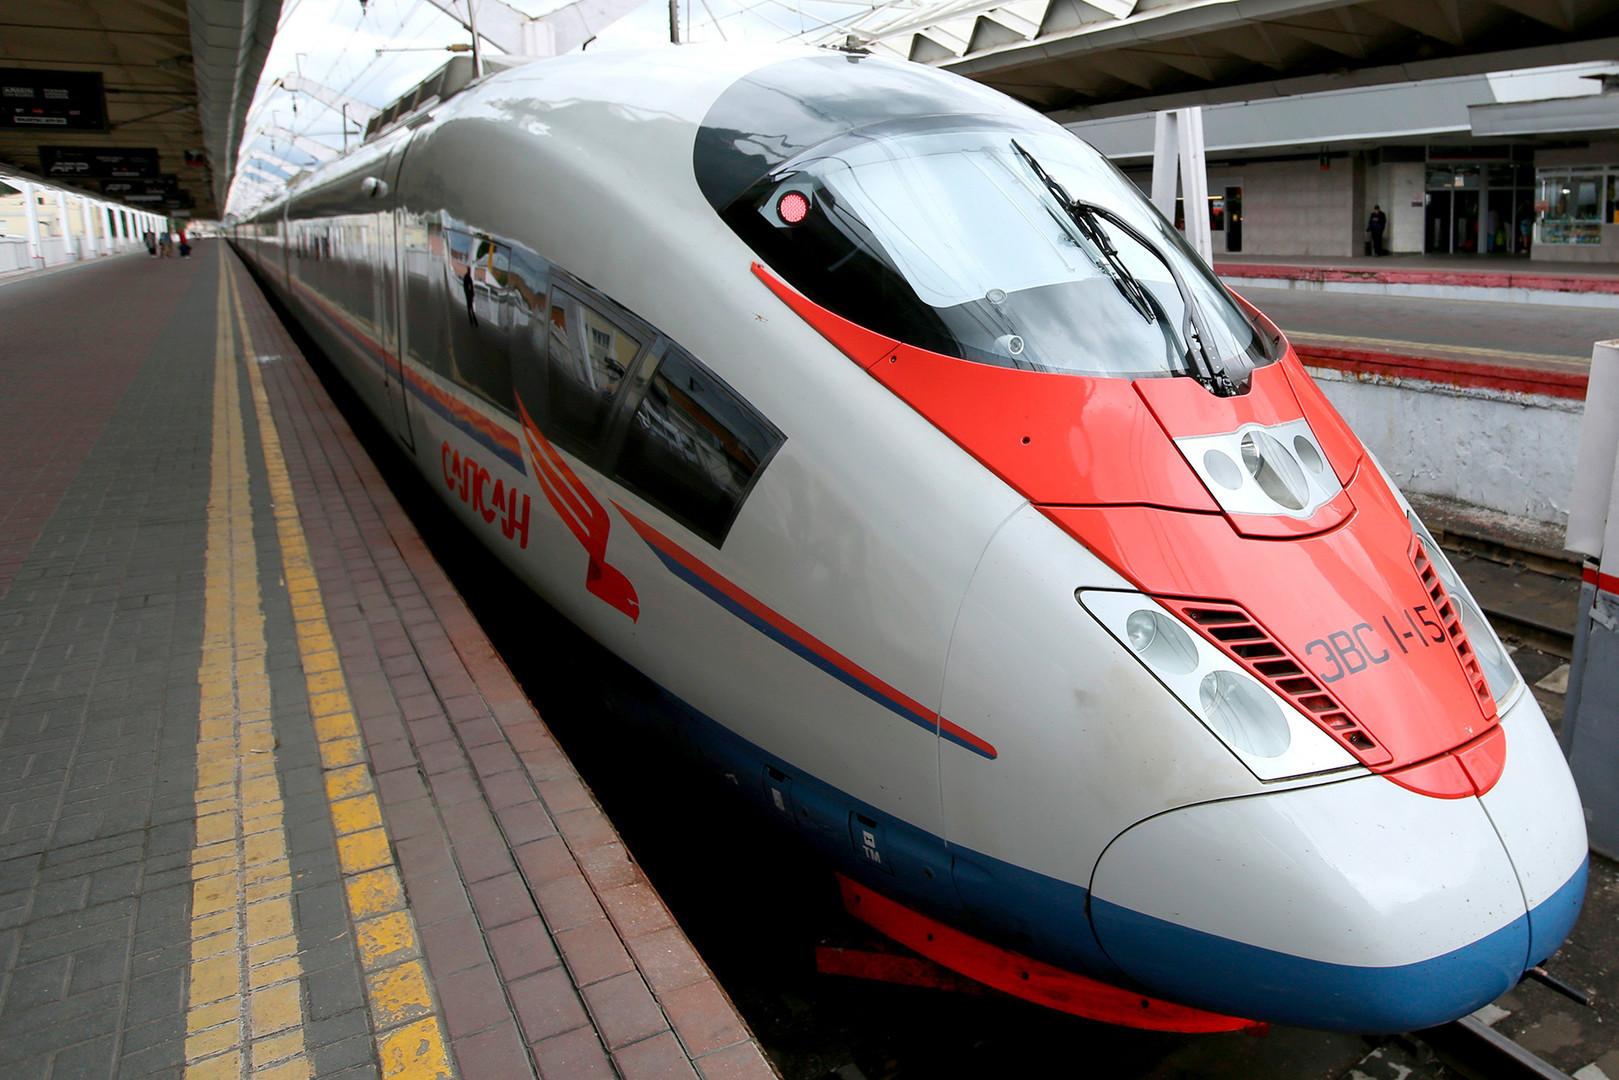 Trens rápidos são boa alternativa no trajeto aeroporto-centro e entre cidades russas